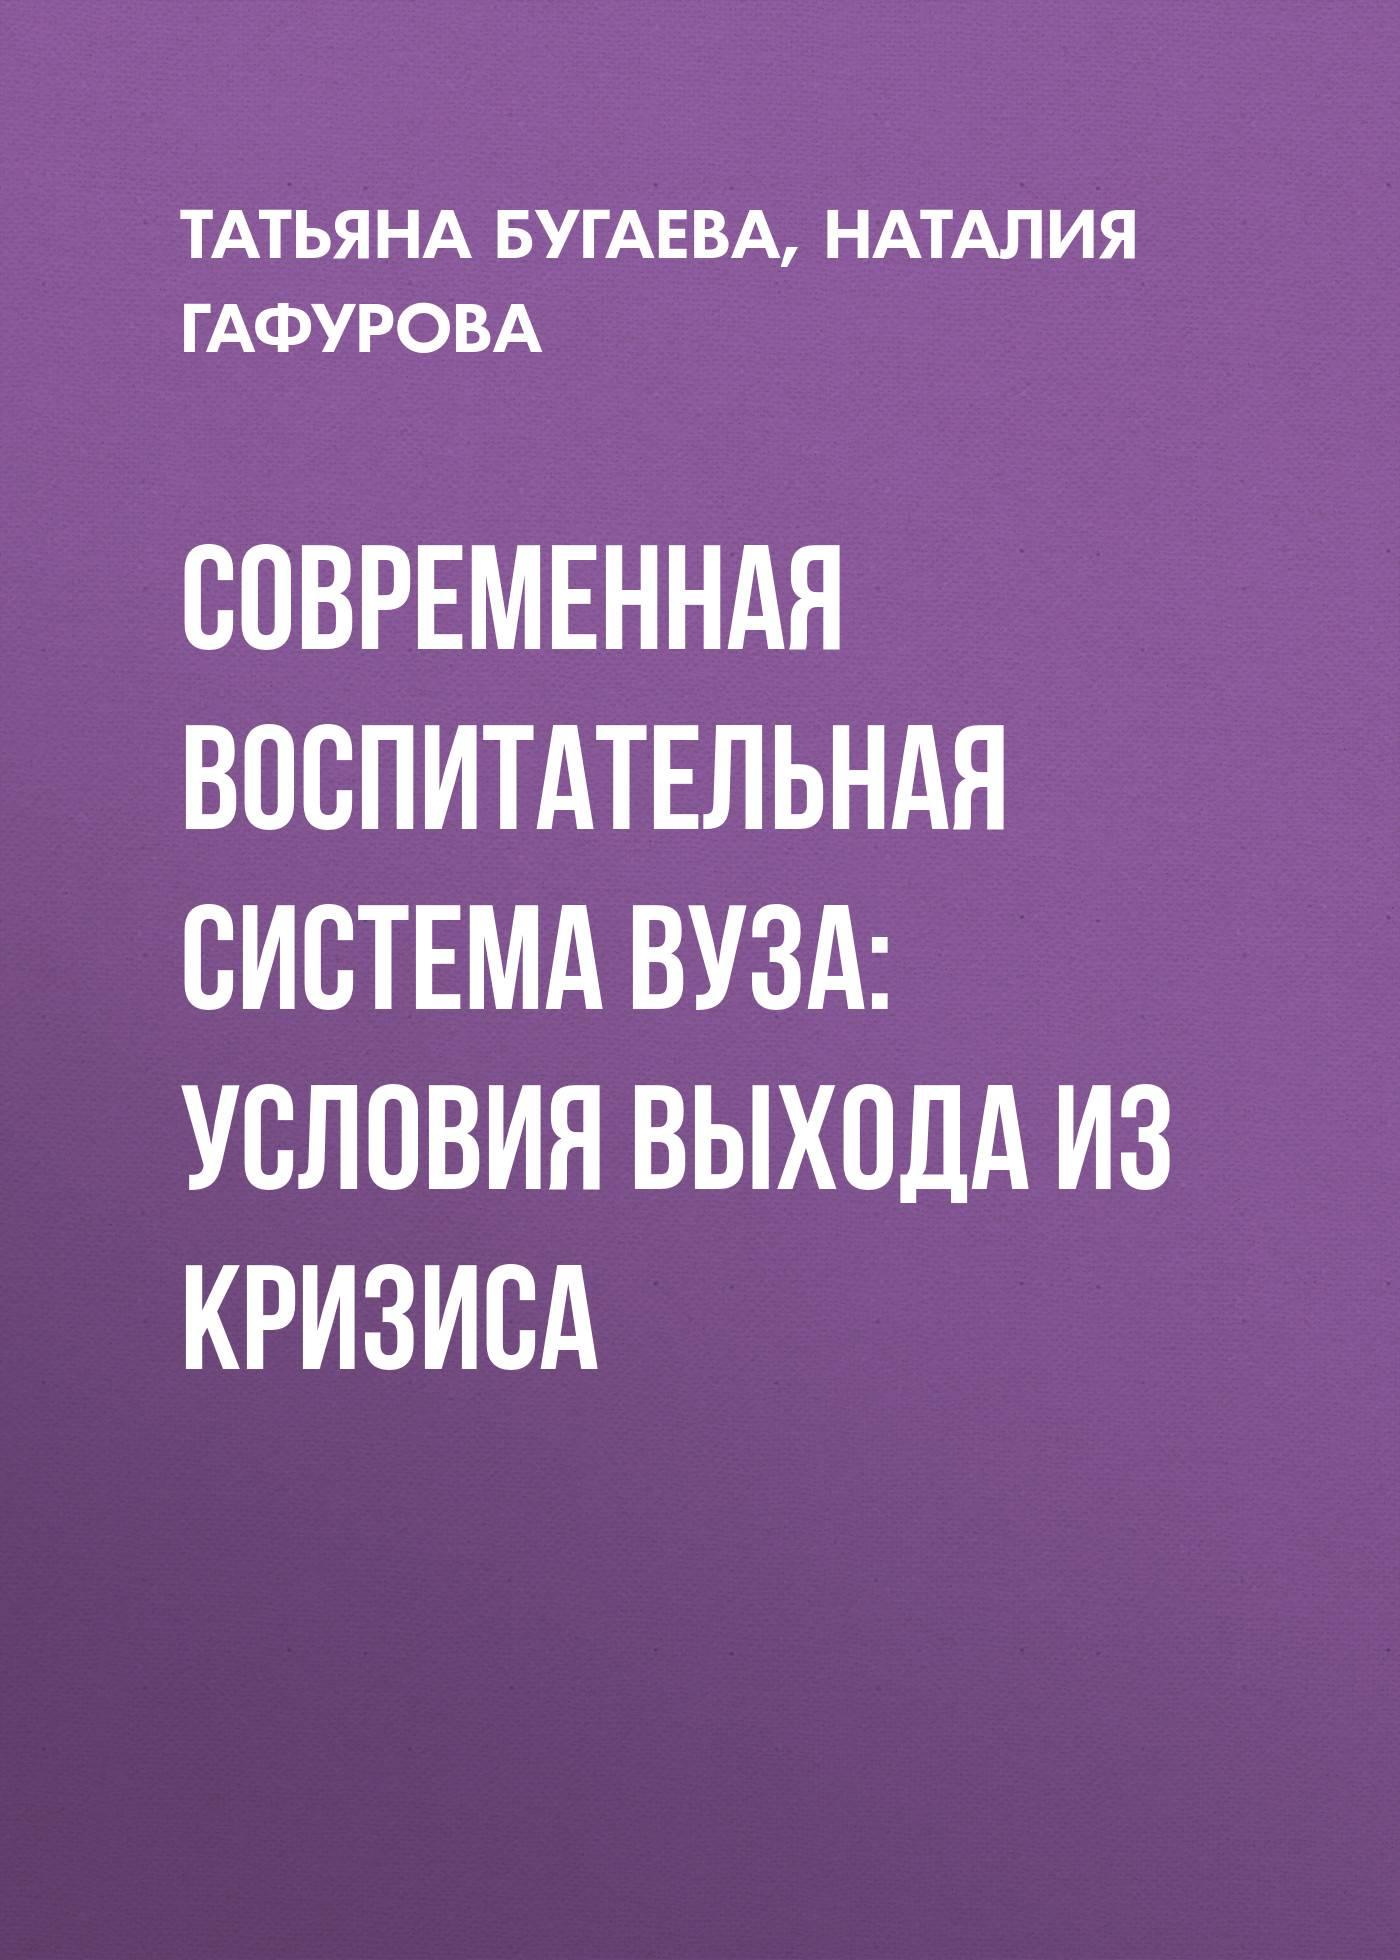 Читать книгу педагогическая психология: учебник для вузов коллектива авторов : онлайн чтение - страница 5